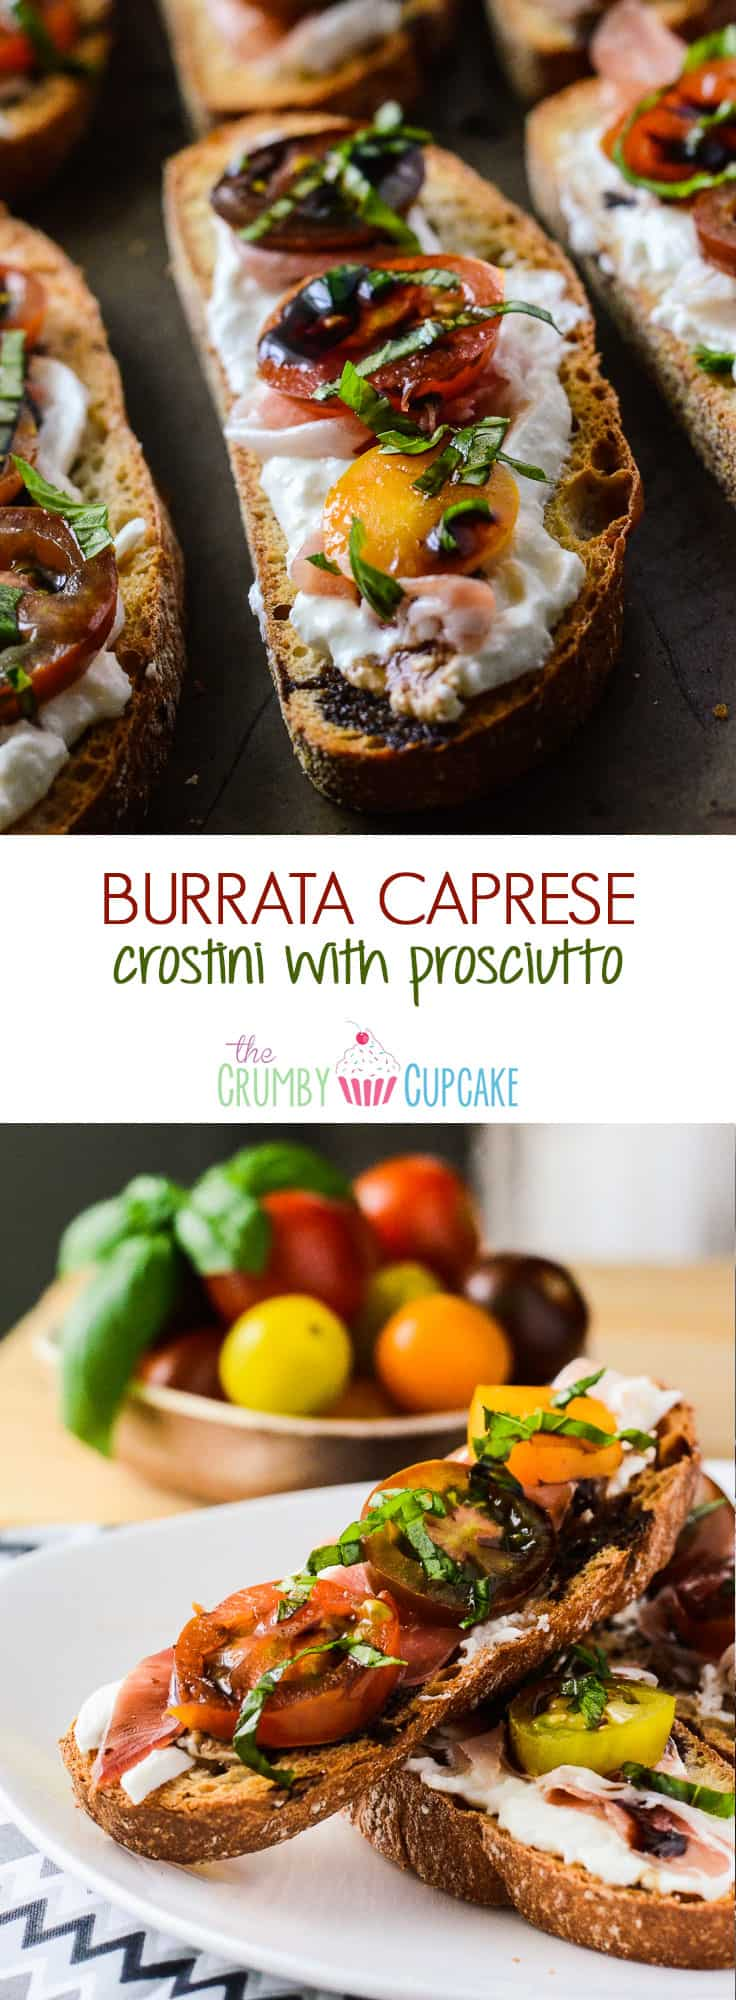 Burrata Caprese Crostini with Prosciutto   A creamy twist on a classic caprese crostini - toasted ciabatta topped with burrata, prosciutto, mini heirloom tomatoes, basil & balsamic.